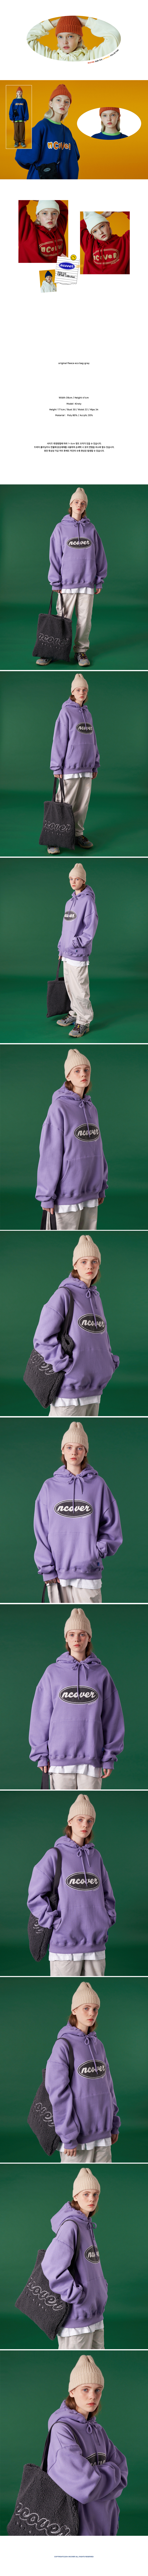 Embroidery fleece eco bag-grey.jpg